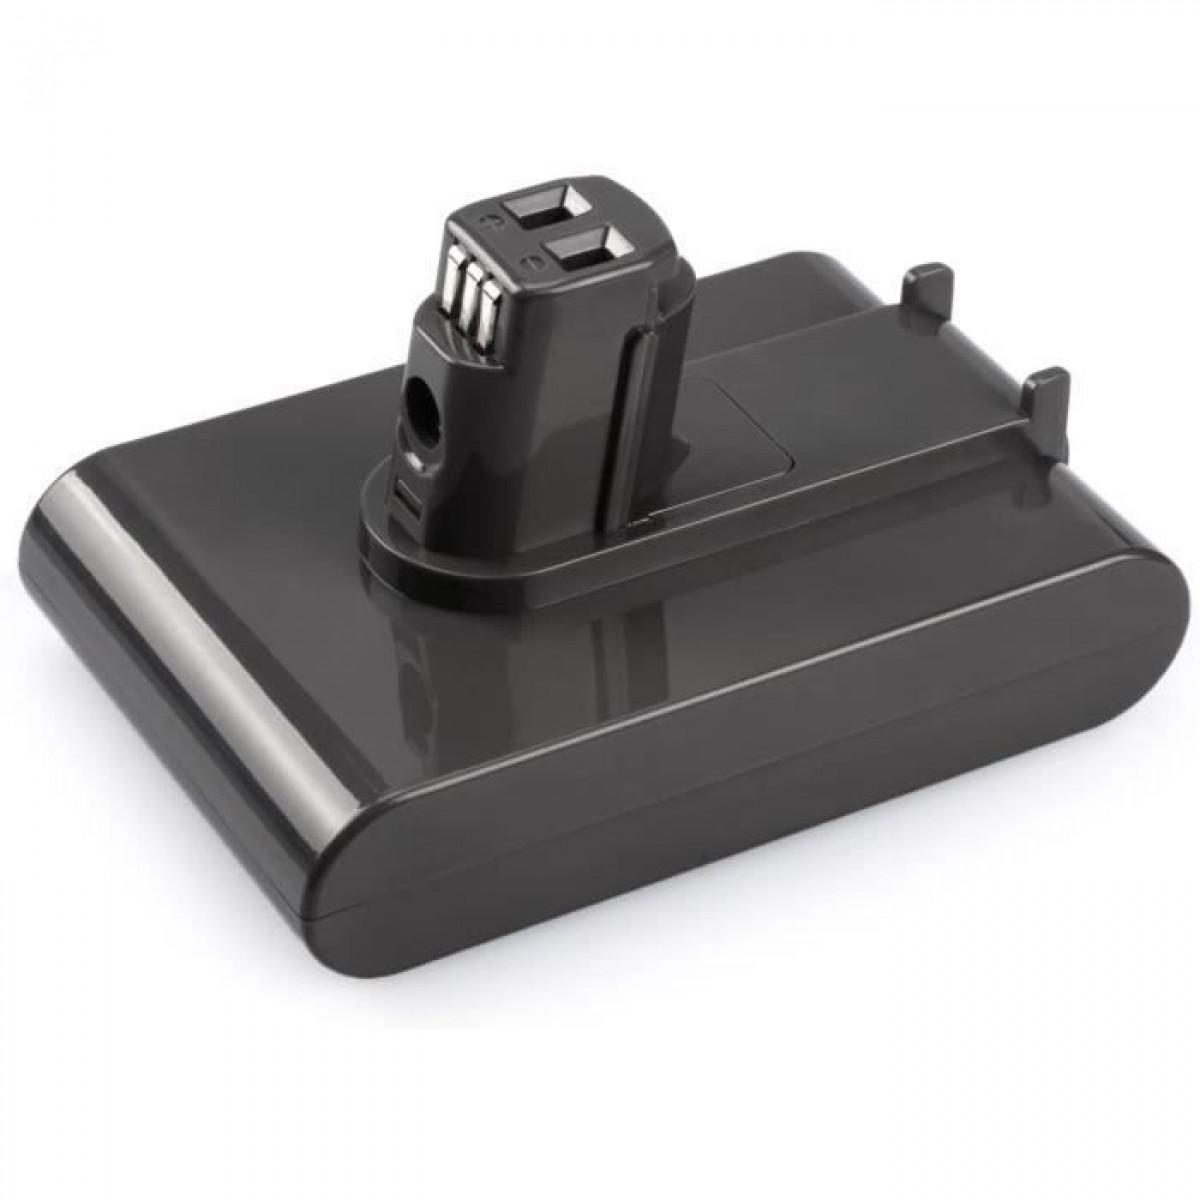 Power Direct Batterie pour Dyson DC45 Type A Batterie pour Dyson DC34 DC45 DC35 DC31 DC44 (Pas pour Type B)